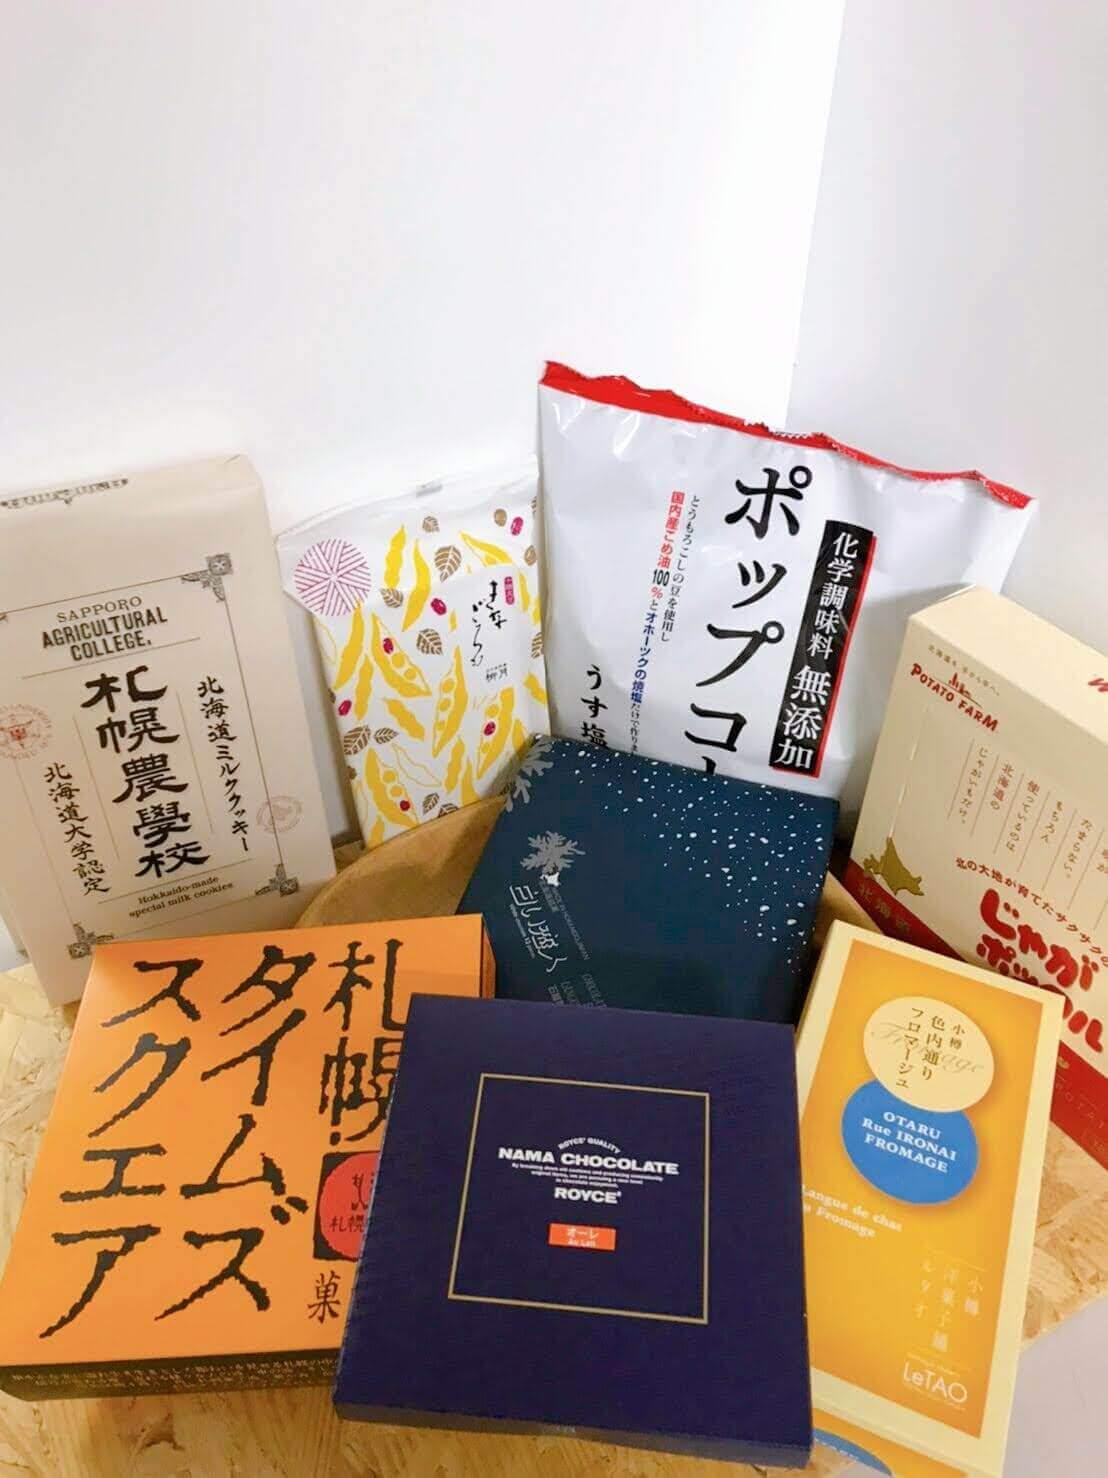 大丸札幌のライブショッピング『食で旅する北海道』-〈北海道スィーツBOX〉